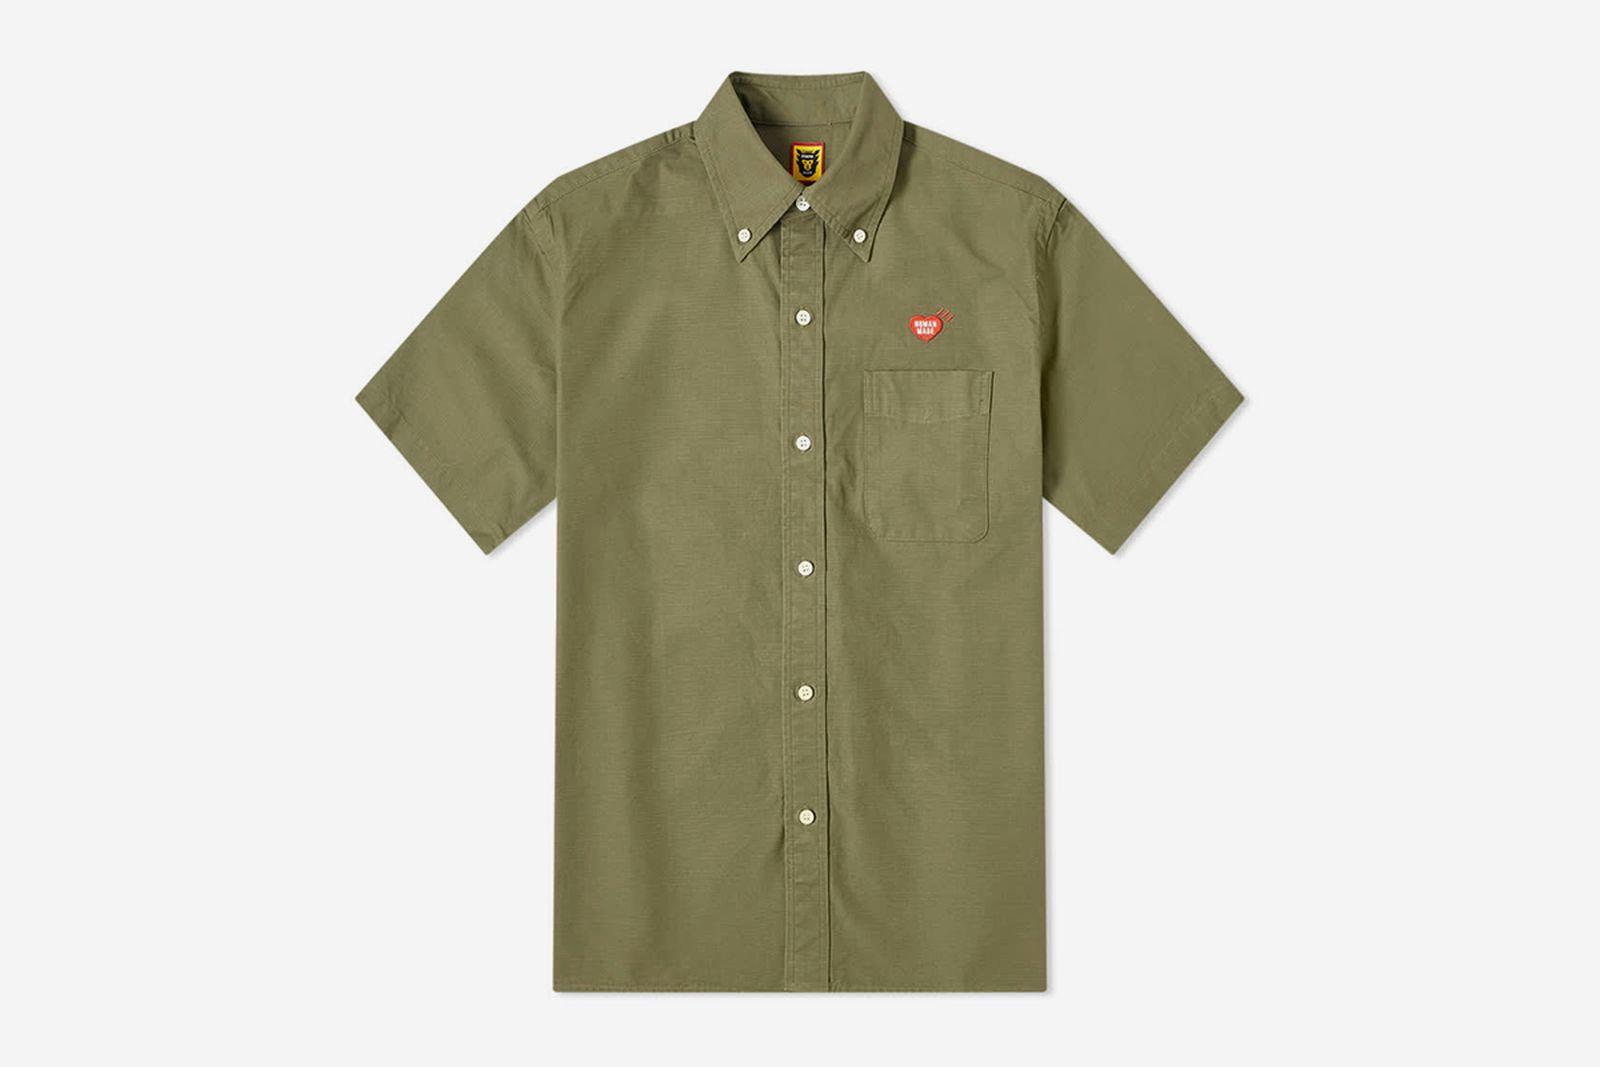 human-made-short-sleeve-ripstop-shirt-olive-drab-_hm19sh006-old_1